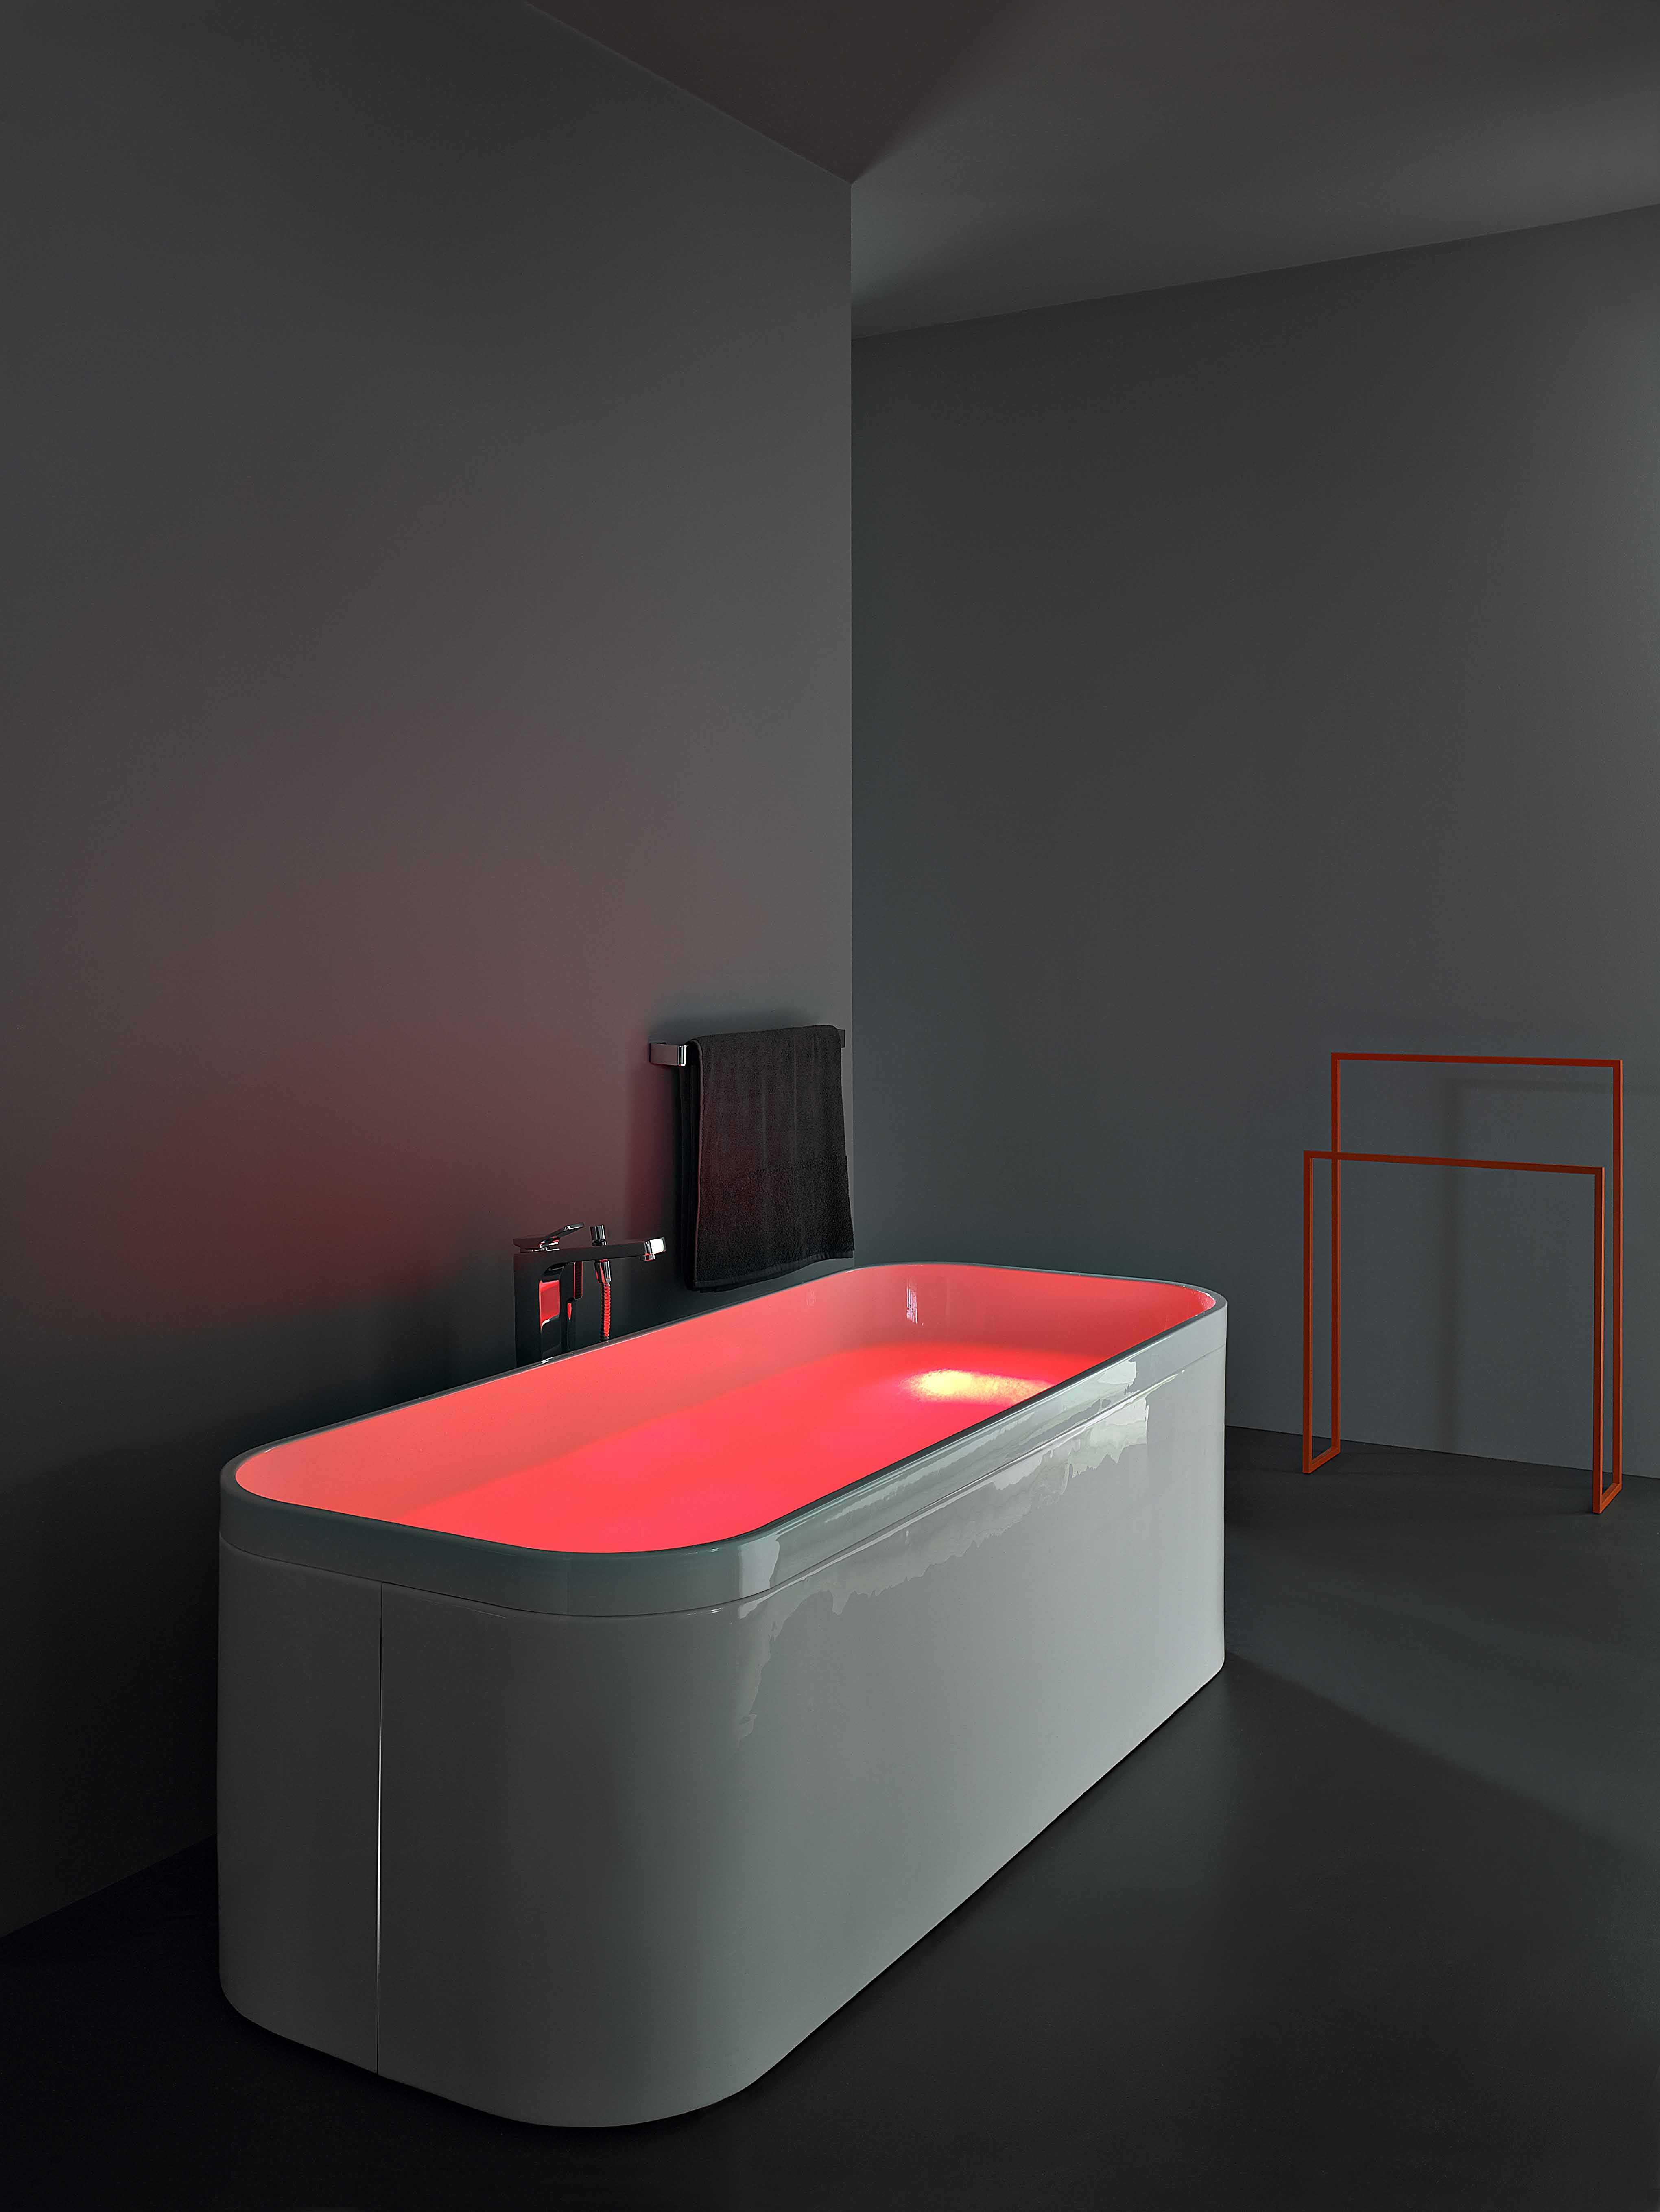 Riviste arredo bagno pro e contro best cheap riviste arredamento bagno awesome disegno bagni - Riviste arredamento bagno ...